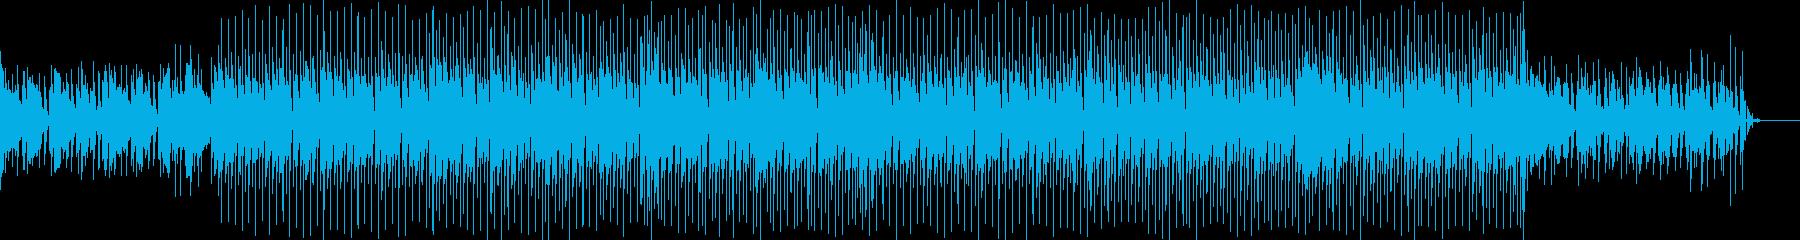 優しさと爽やかさに溢れた軽快なBGMの再生済みの波形